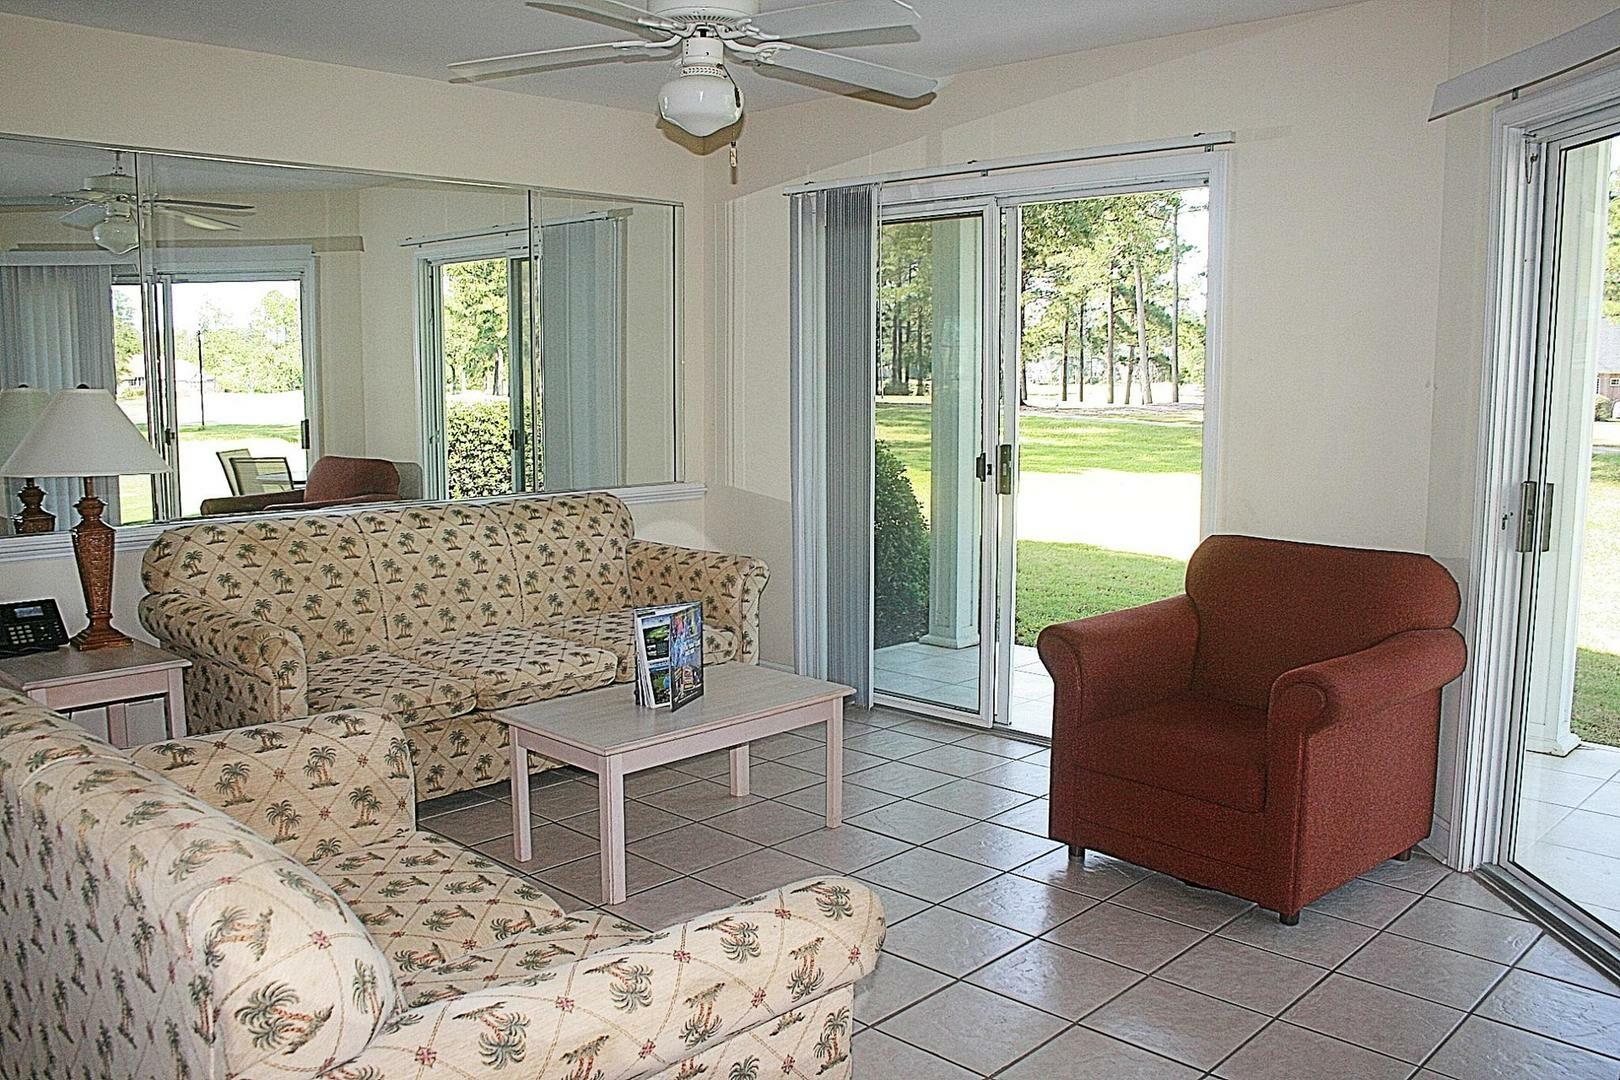 2703 2 Bedroom/2 Bath Villa